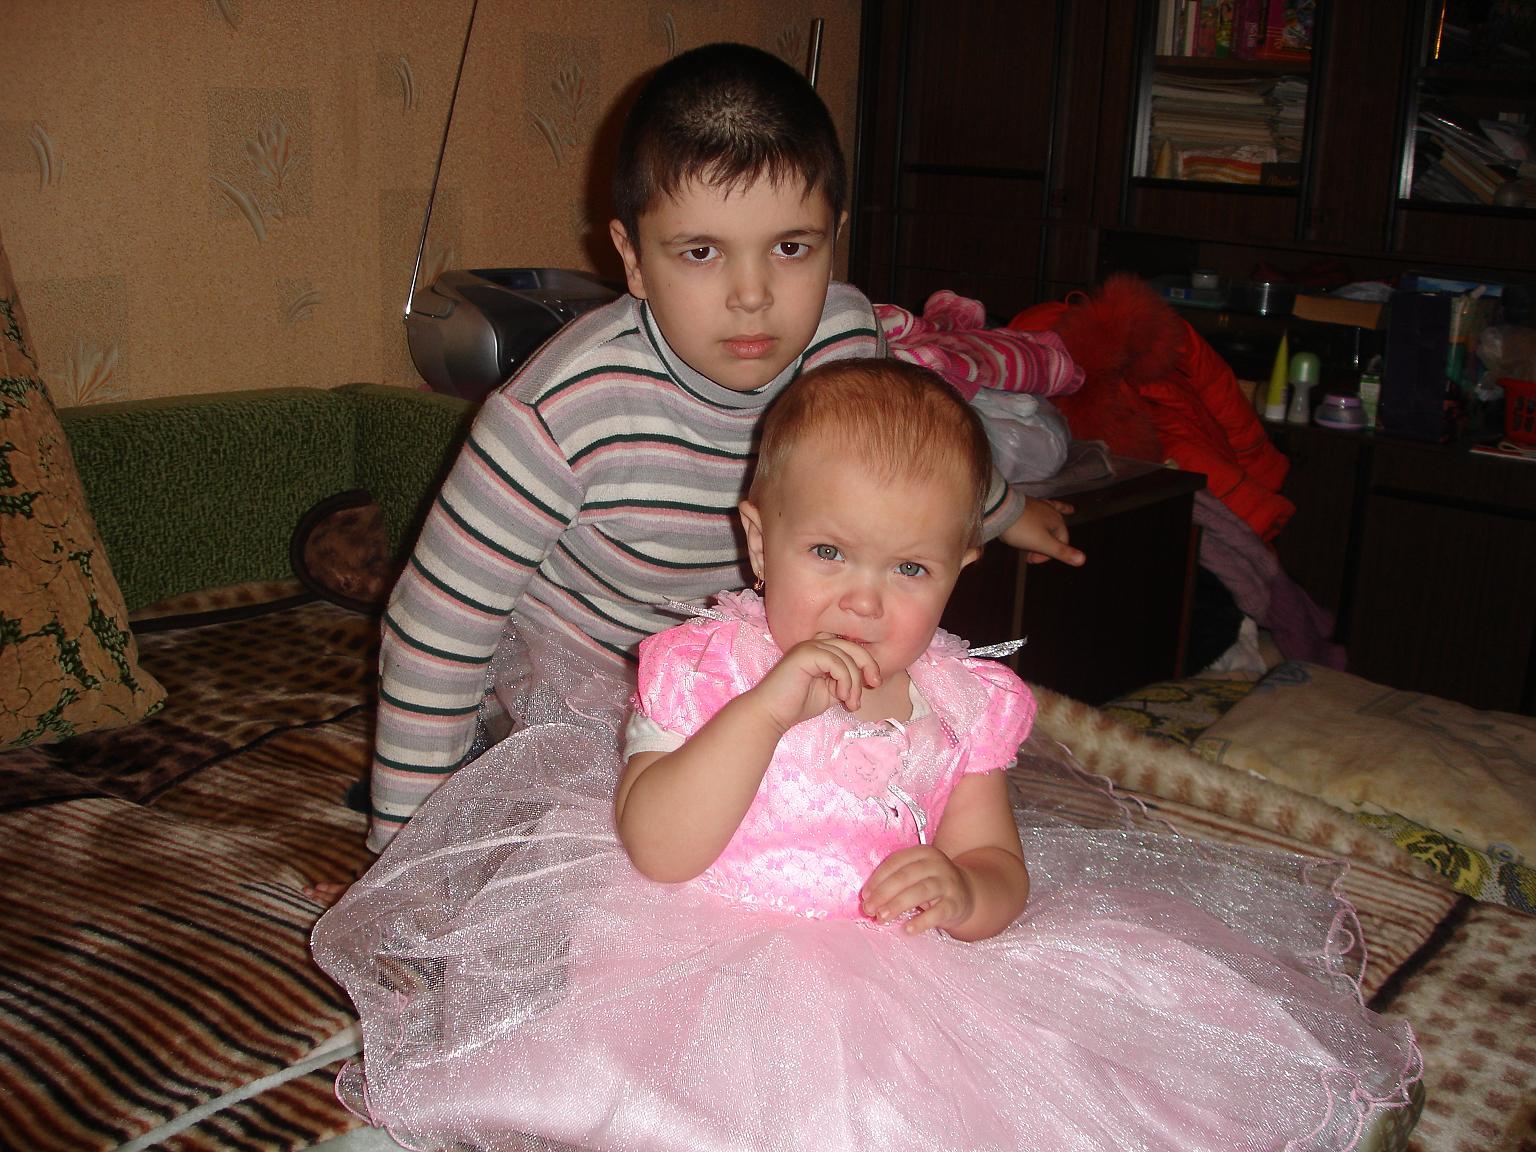 Детки -конфетки)). Нарядные дети